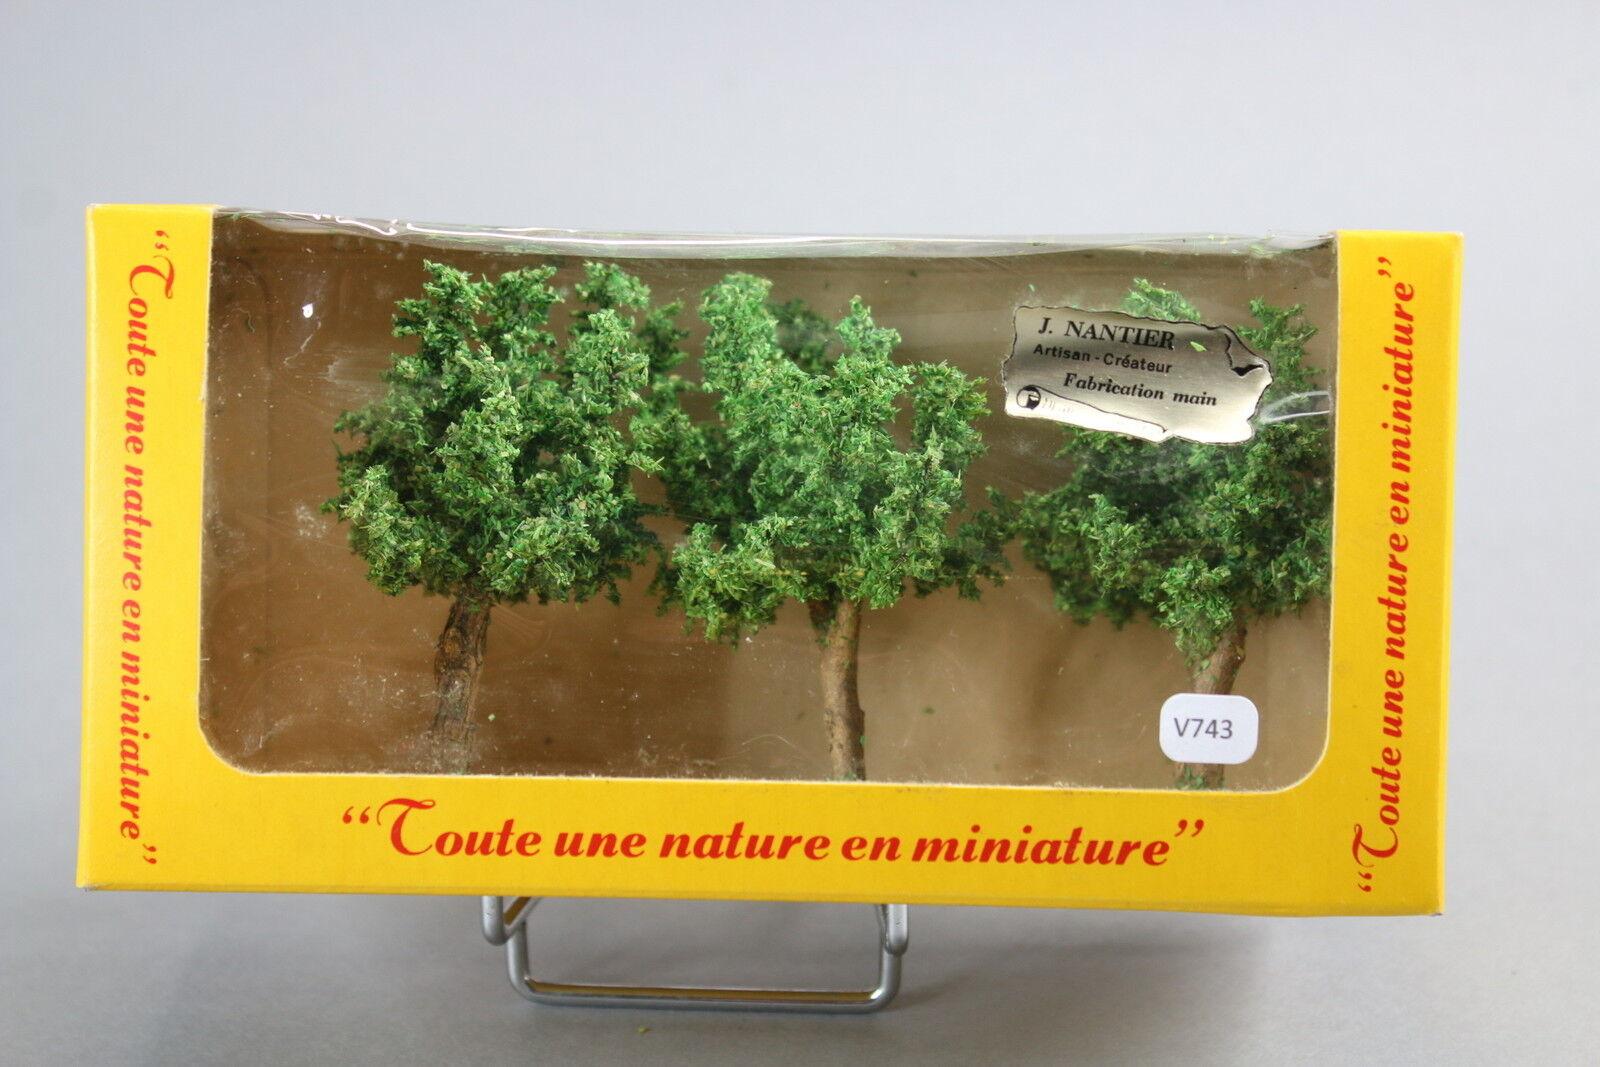 V743 FR maquette Ho train diorama rare boite 8623 silverne arbre size 90 mm